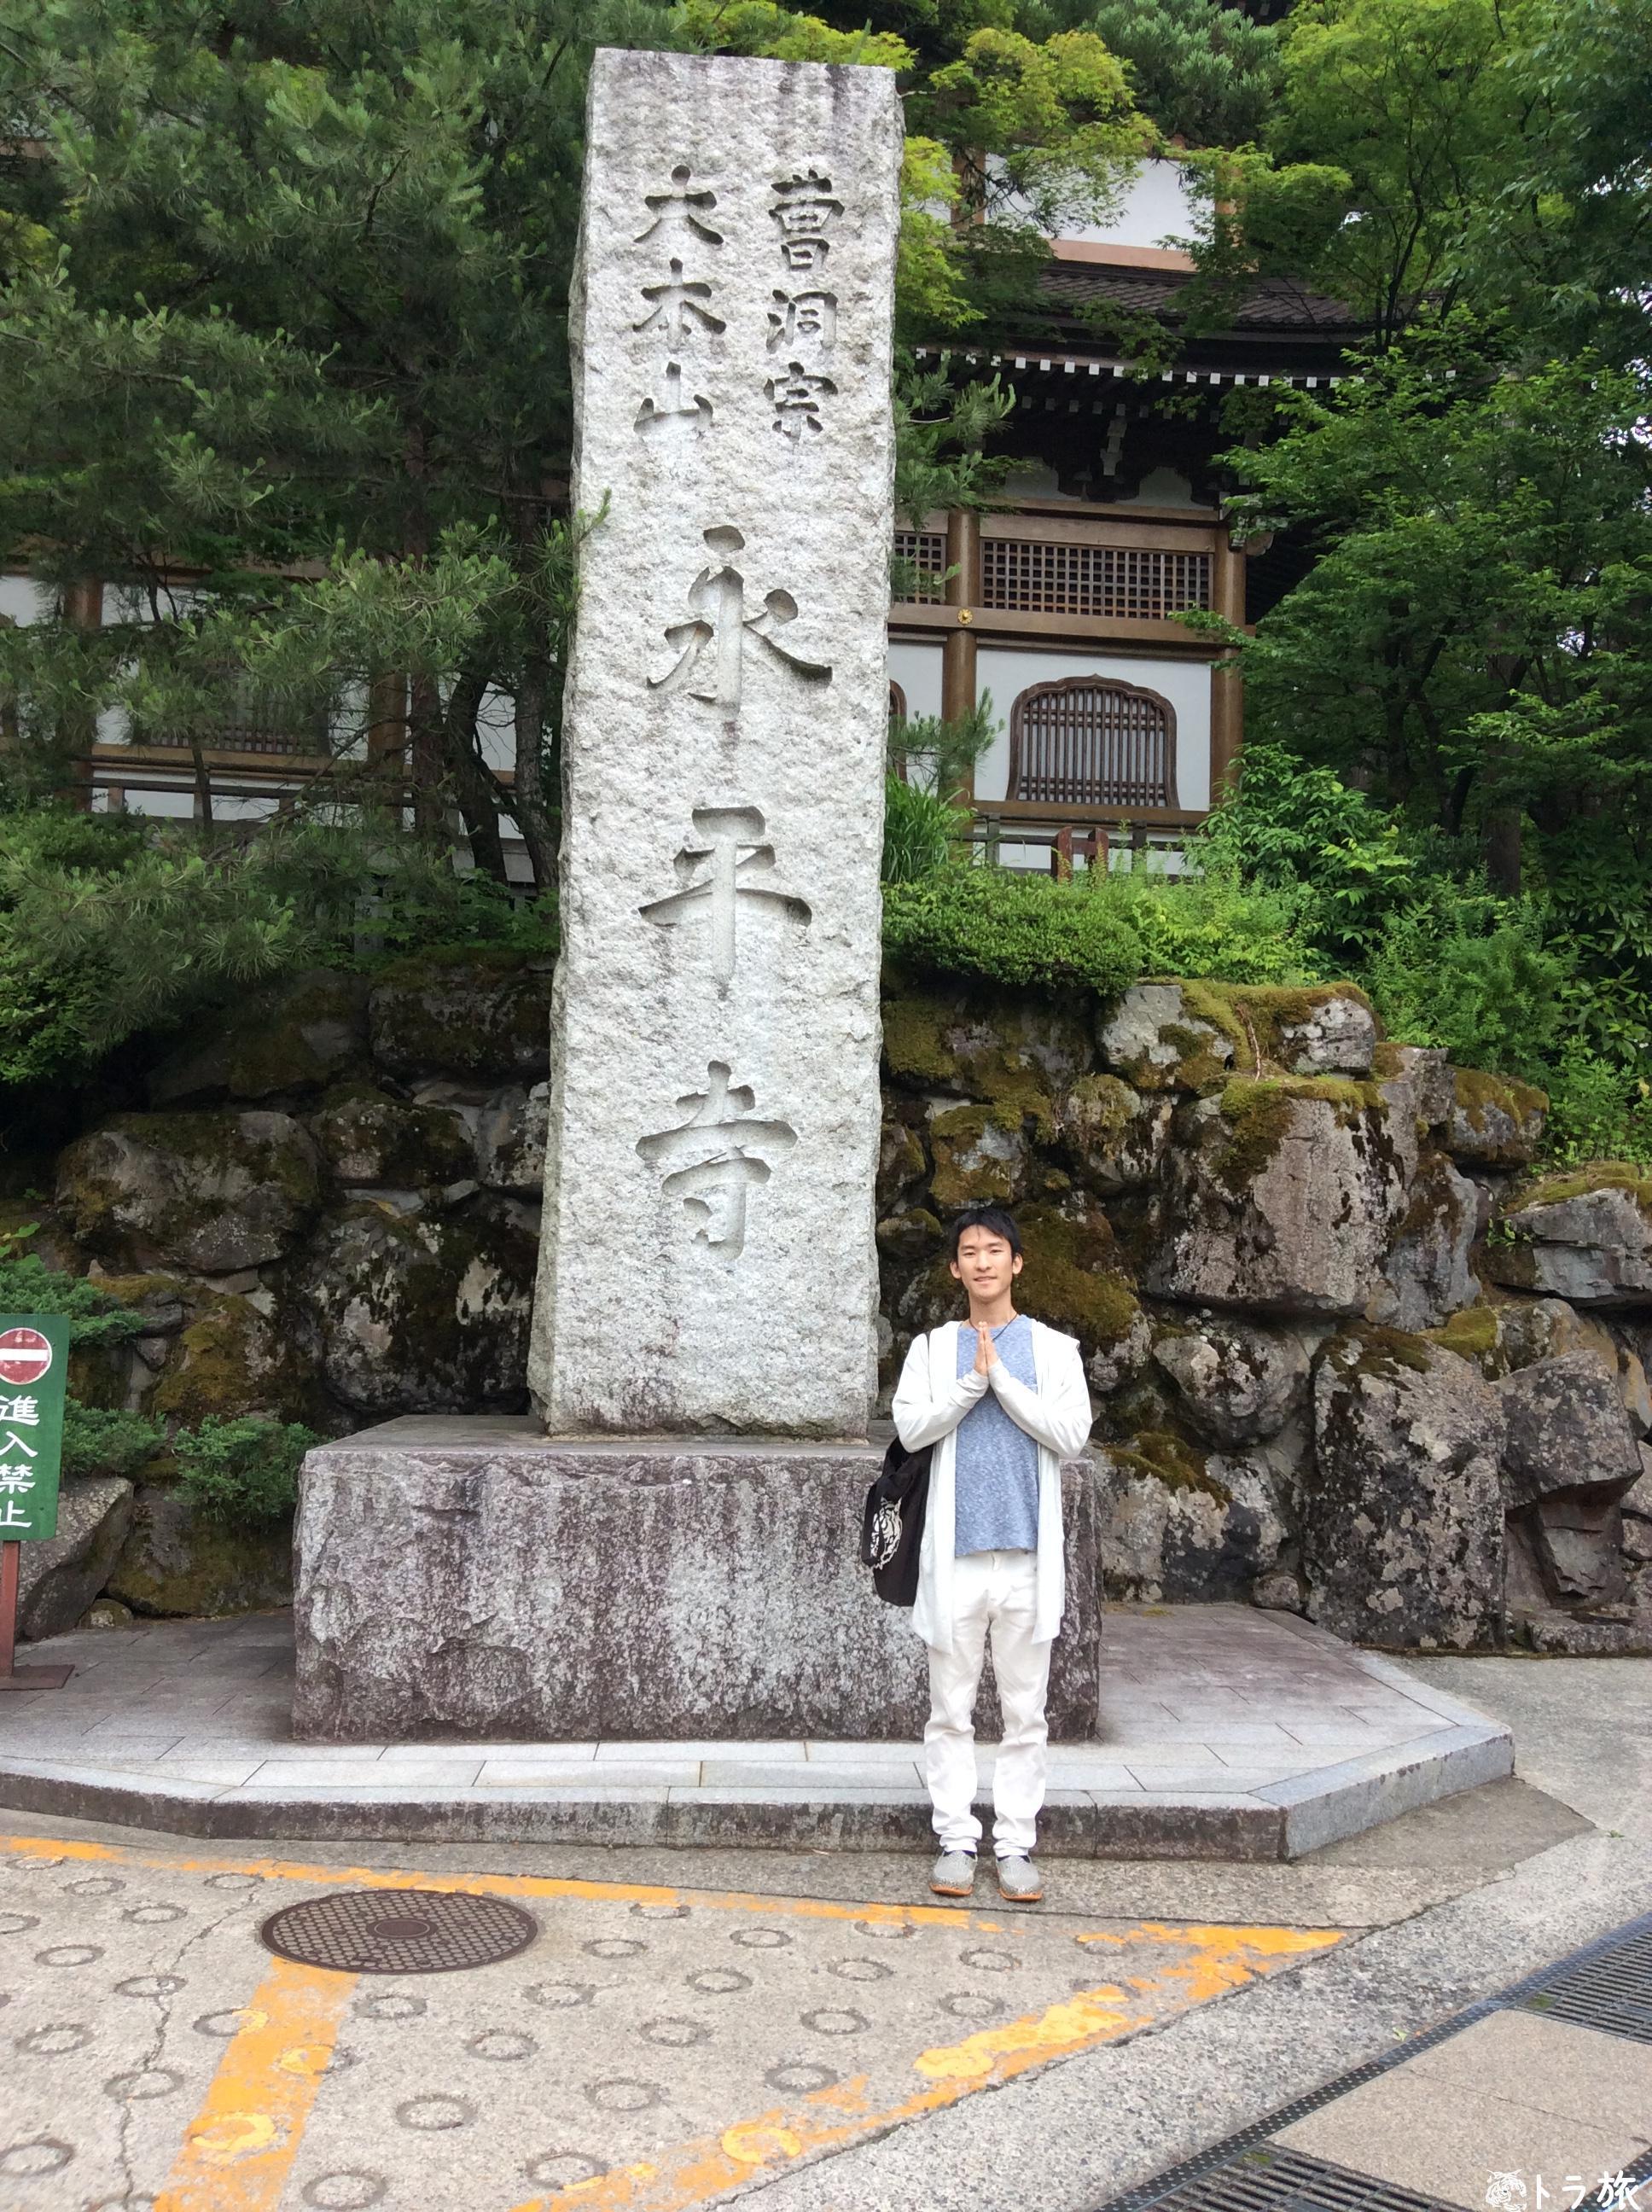 行く価値があるのか?禅の最高峰、永平寺に訪れる